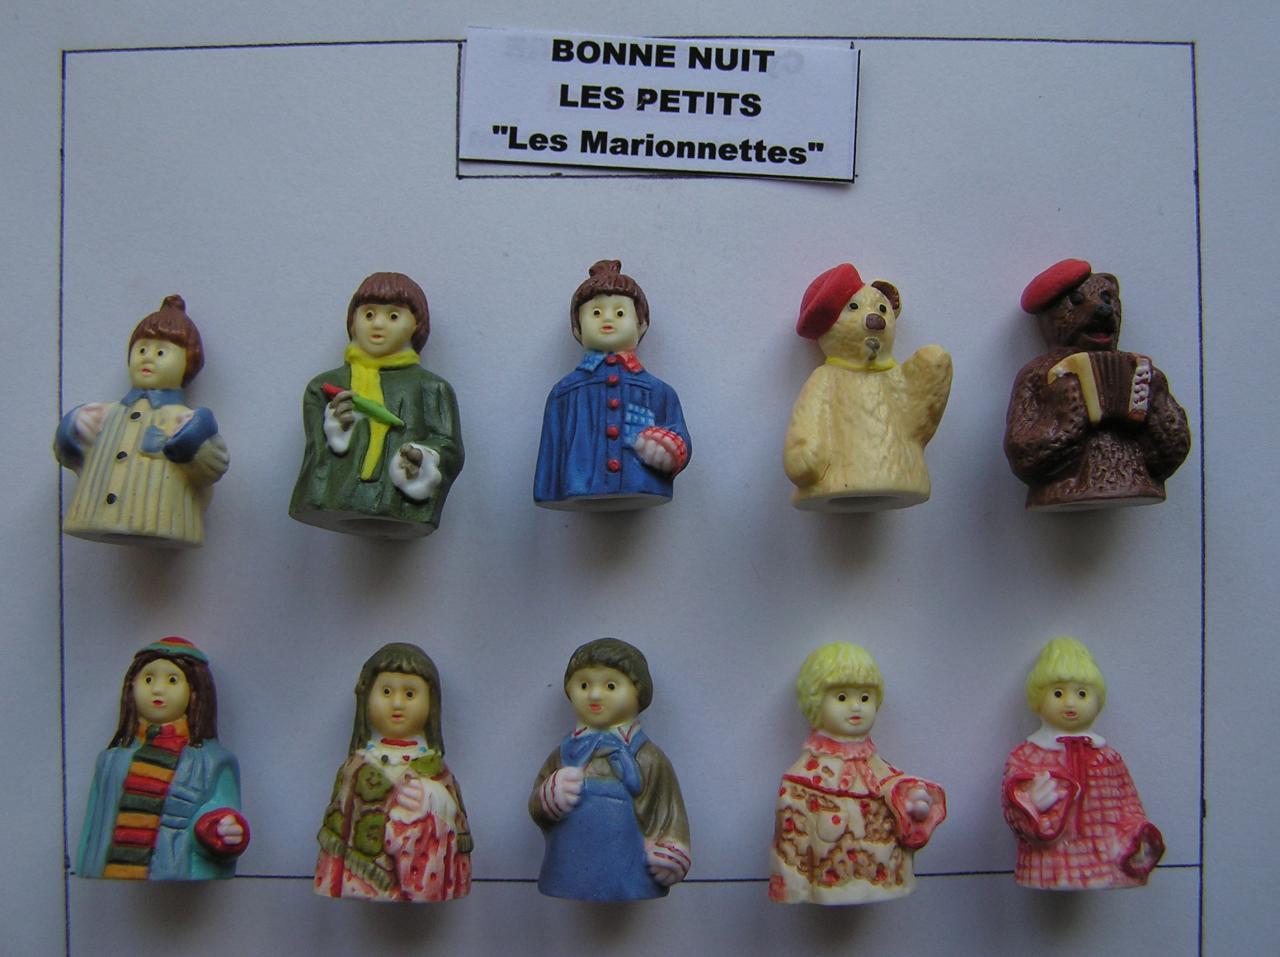 F ves marionnettes bonne nuit les petits r f v69 - Personnage bonne nuit les petit ...